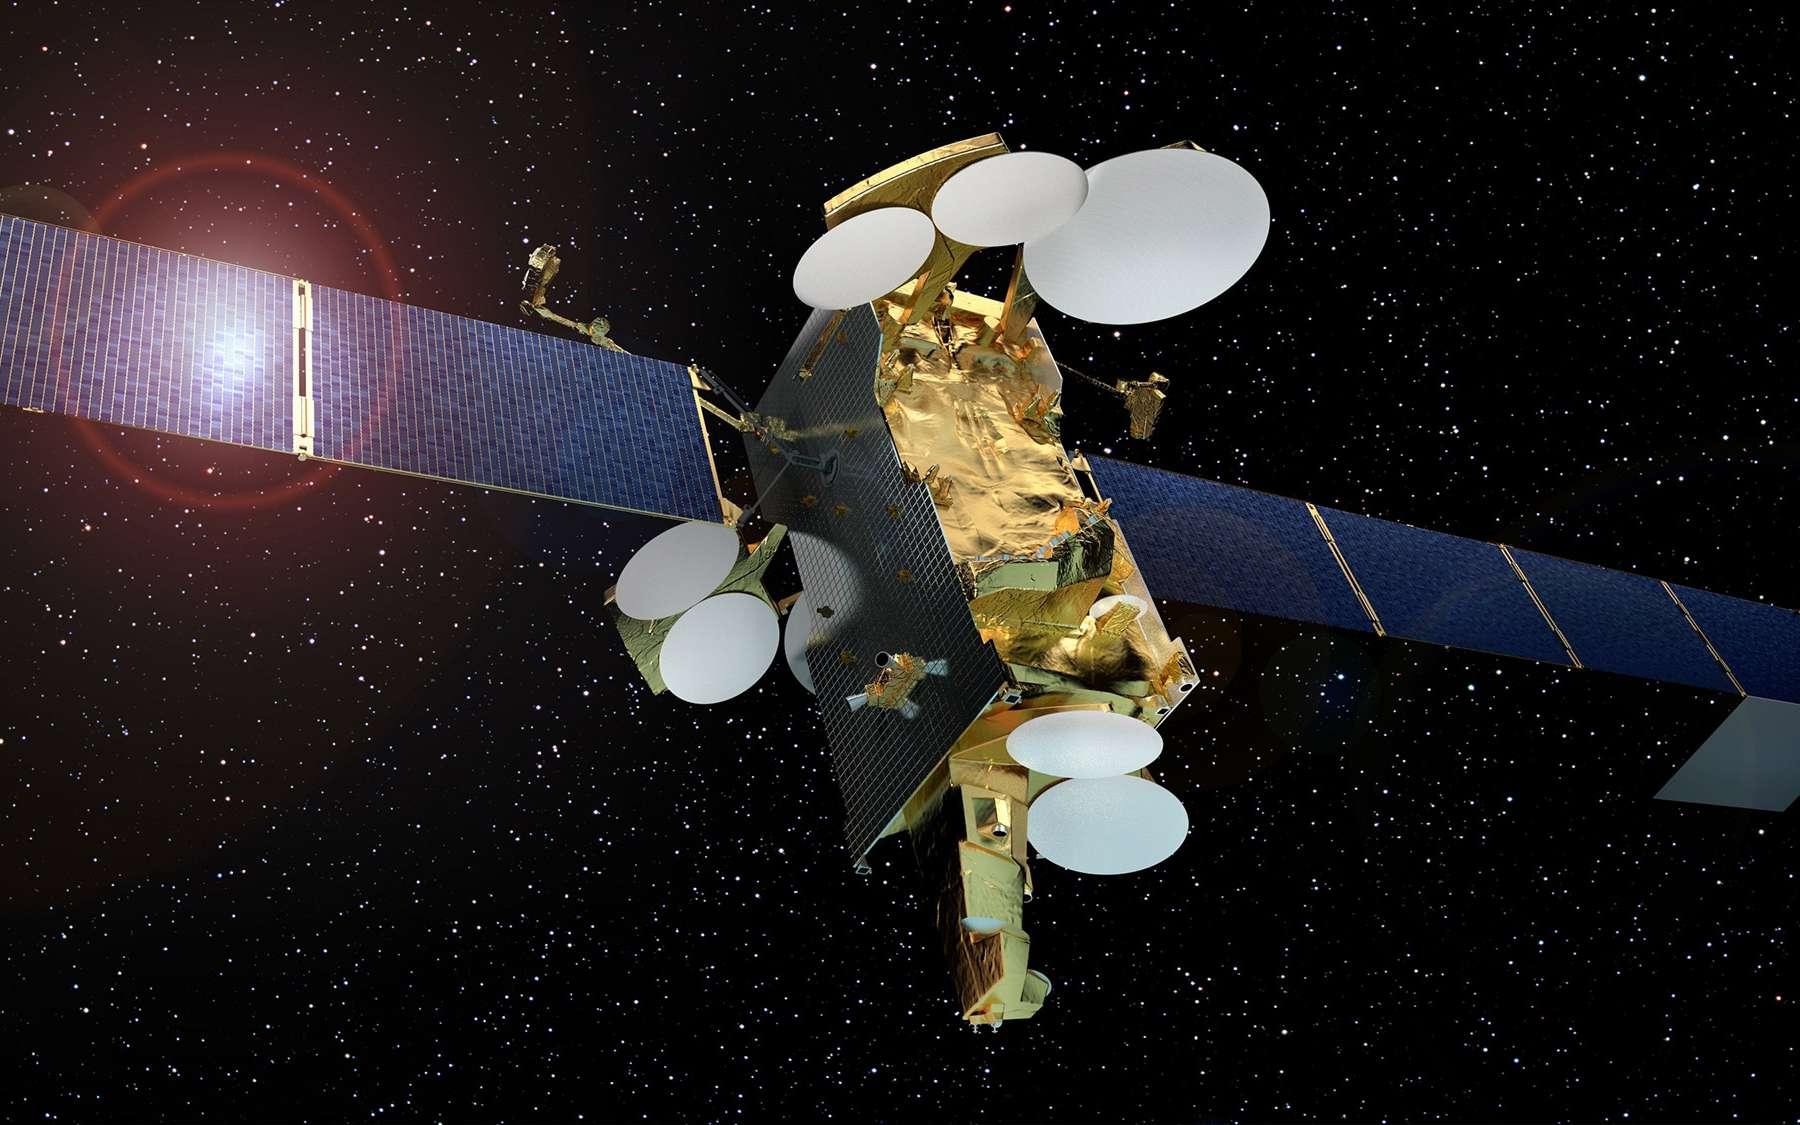 Bien que capables de diffuser des programmes en 8K, les satellites de SES ont besoin de nouveaux codecs et chipsets adaptés à cette norme UHD. © Airbus Defence and Space